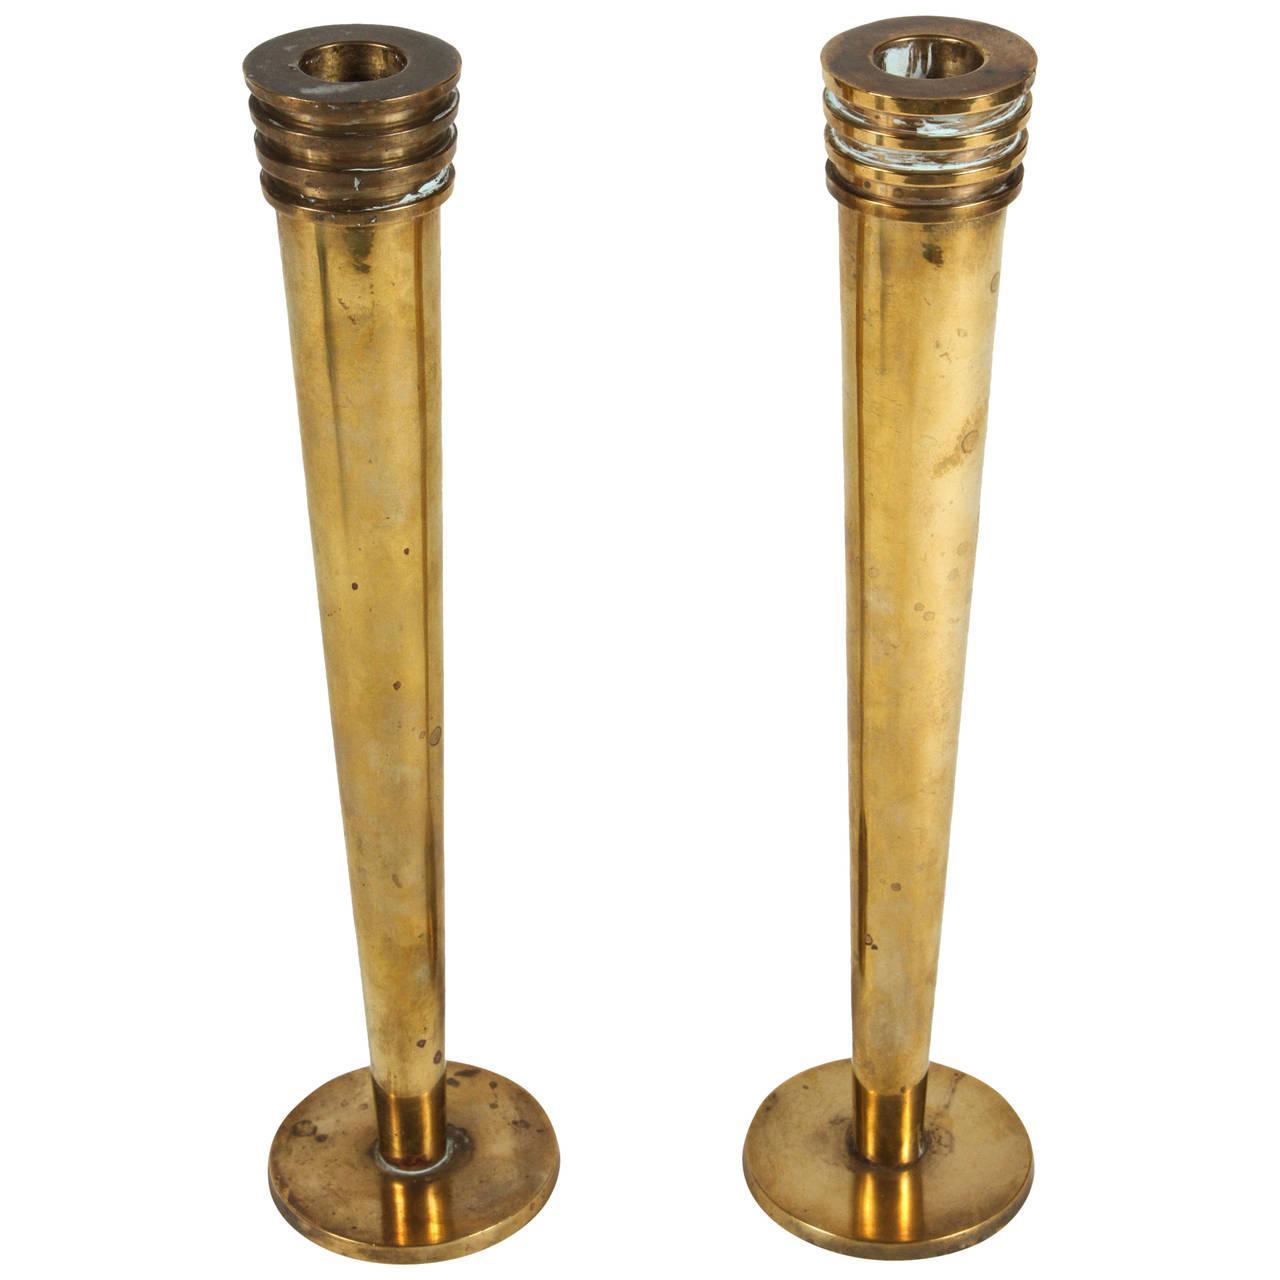 Brass Candlesticks hudson rissman brass candlesticks - a pair | chairish